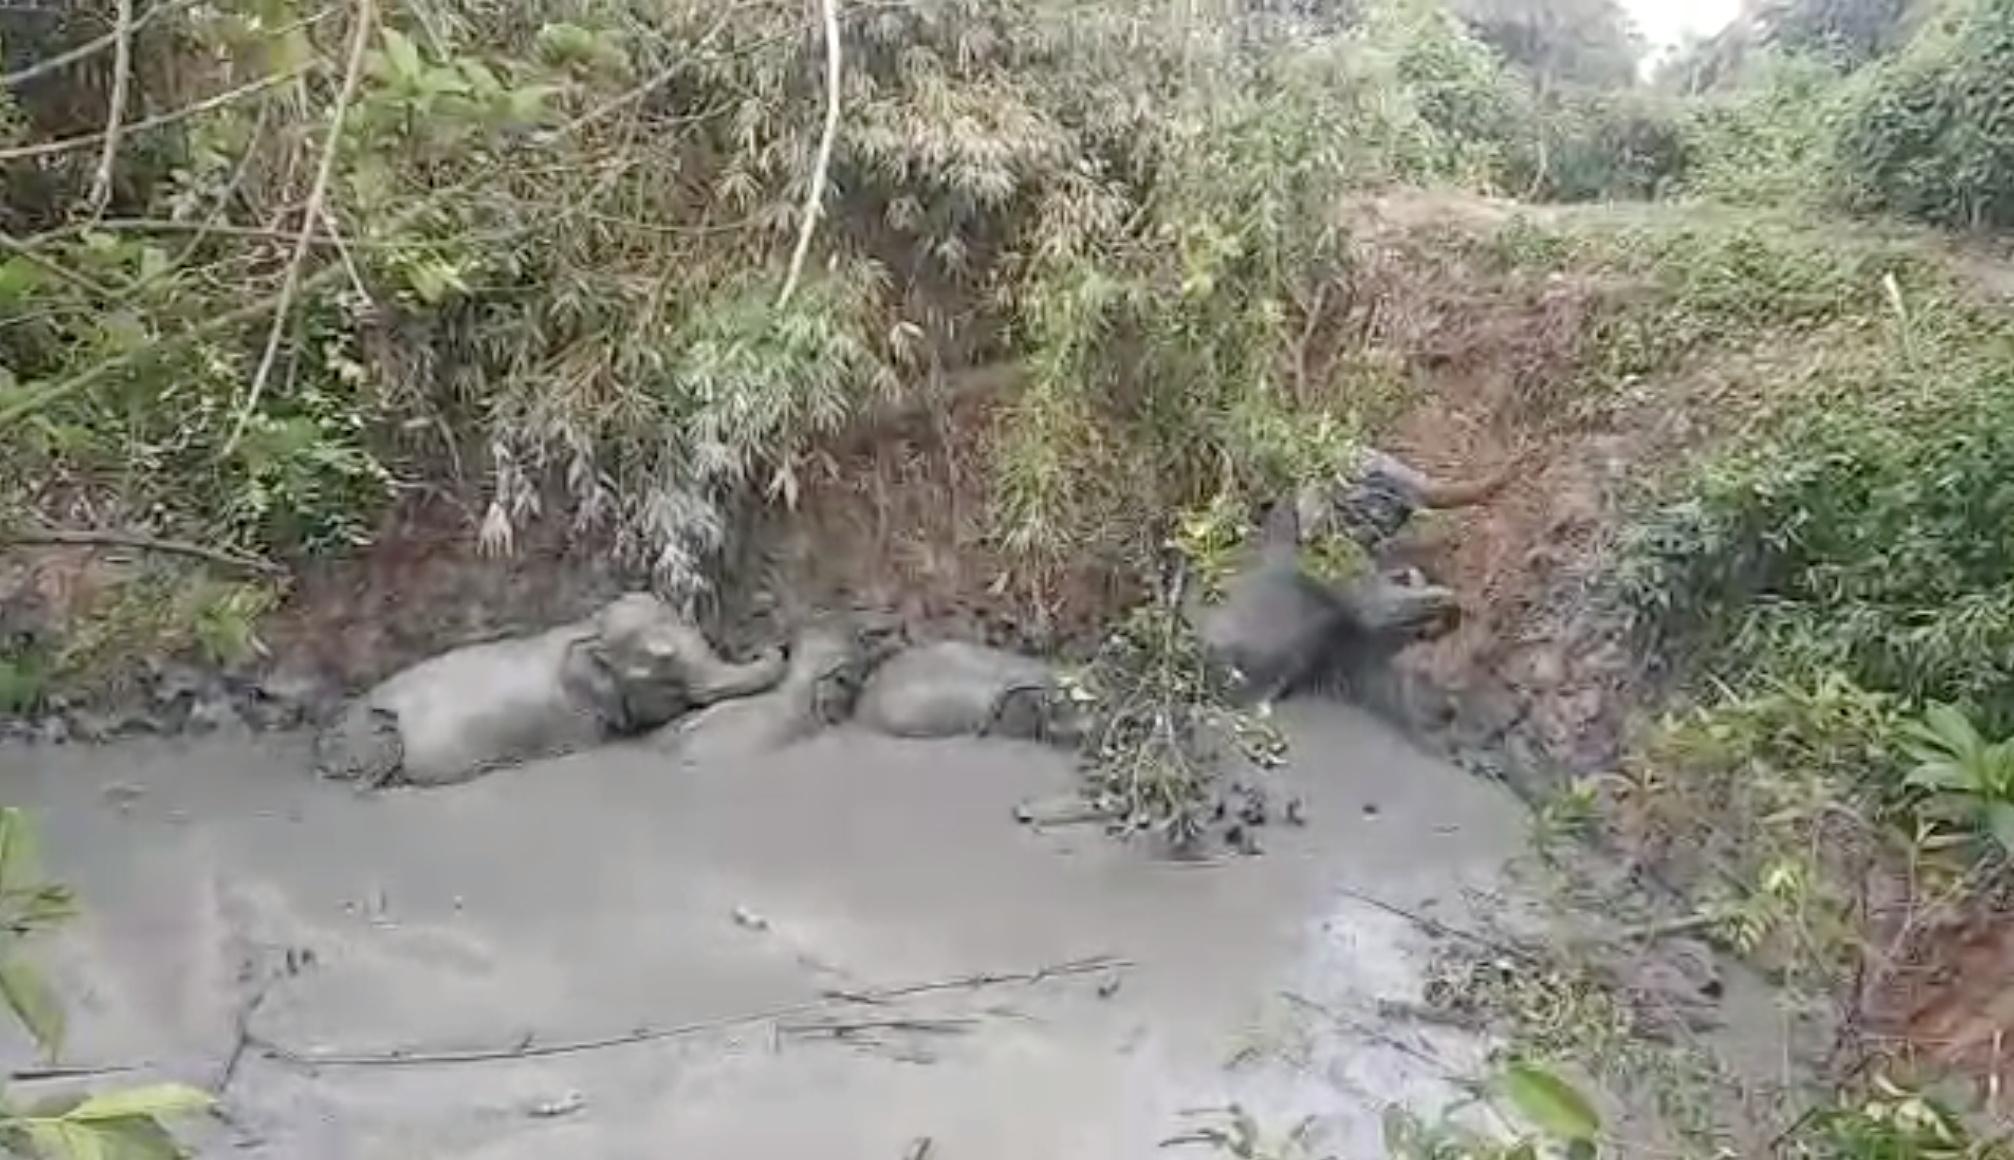 Οι ελέφαντες πάνε εκδρομή και η νοτιοδυτική Κίνα είναι σε πανικό (video)